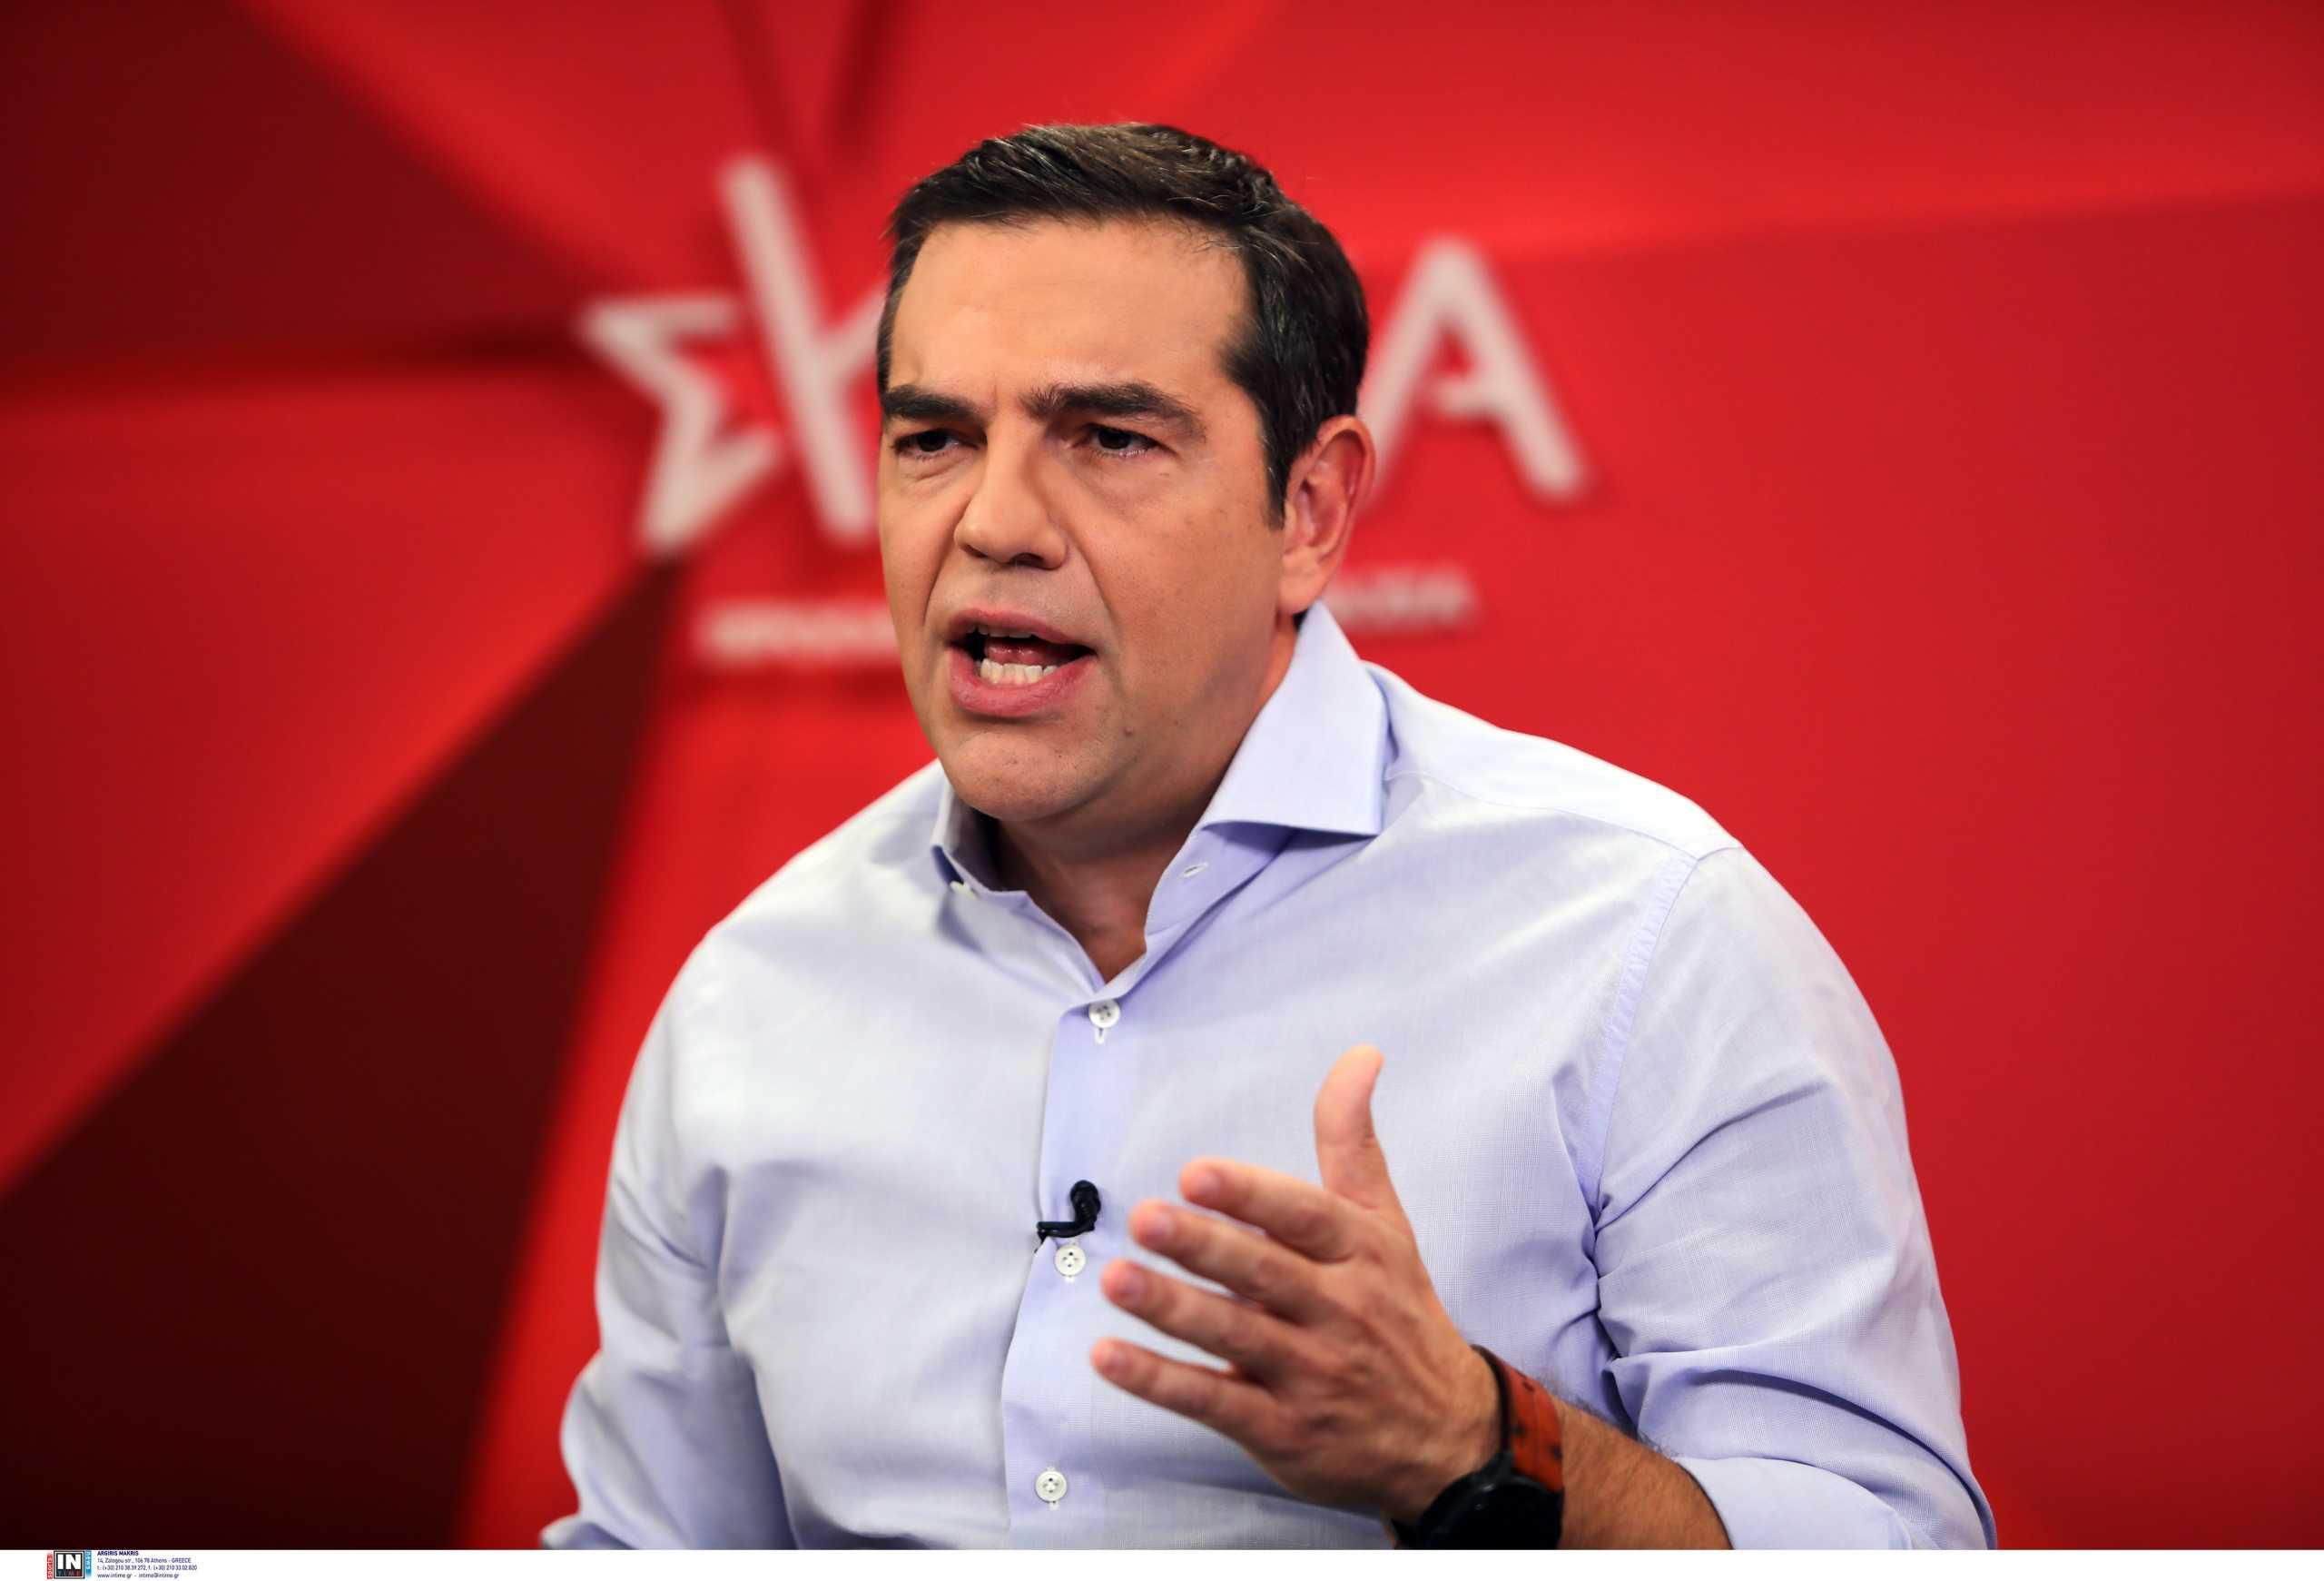 Ο ΣΥΡΙΖΑ «βλέπει» εκλογές την Άνοιξη και «εκβιασμό» Μητσοτάκη